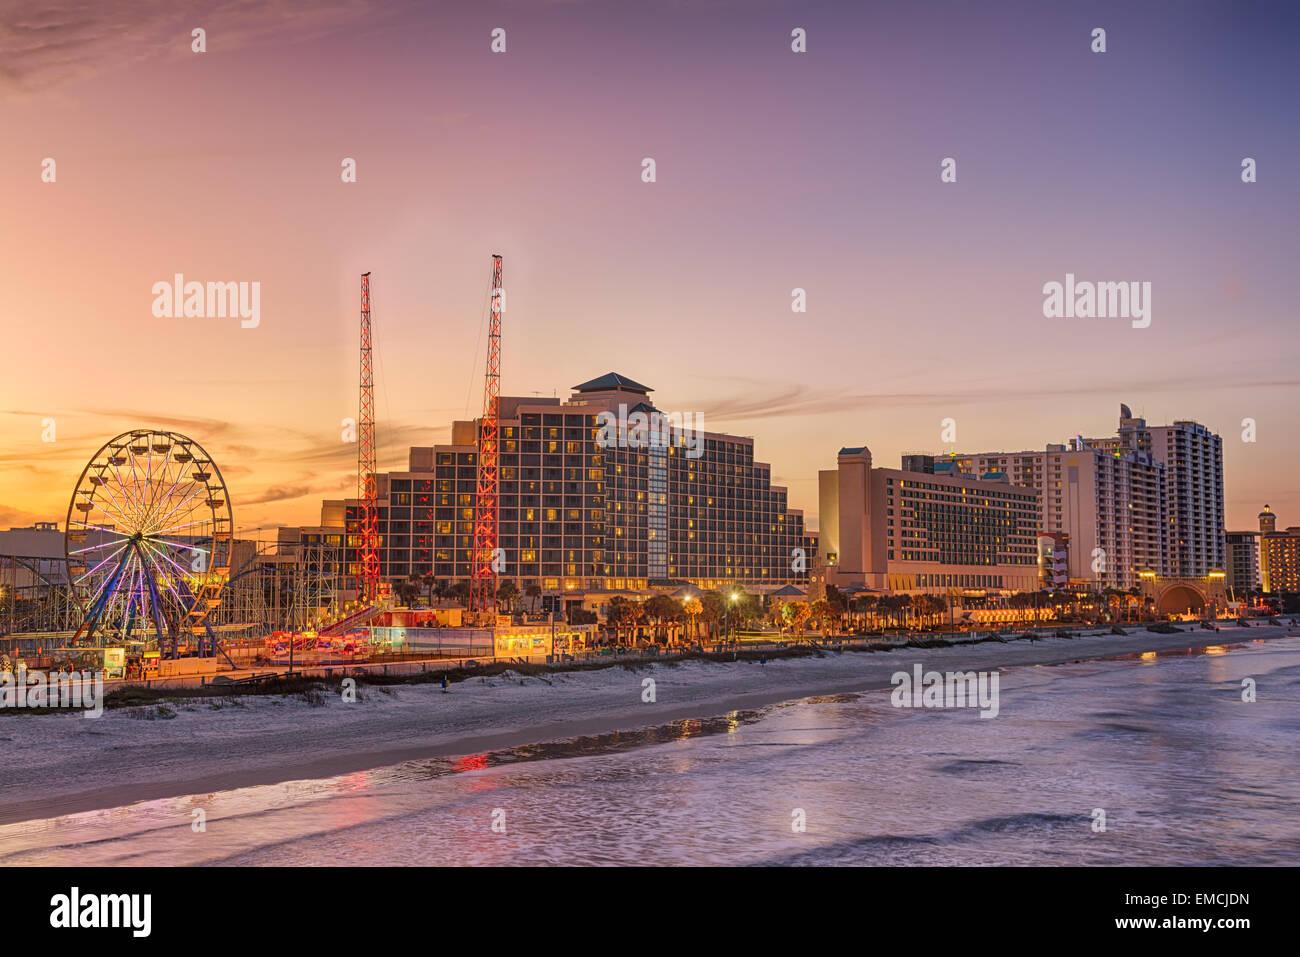 Skyline von Daytona Beach, Florida, bei Sonnenuntergang aus dem Fishing Pier. HDR verarbeitet. Stockbild